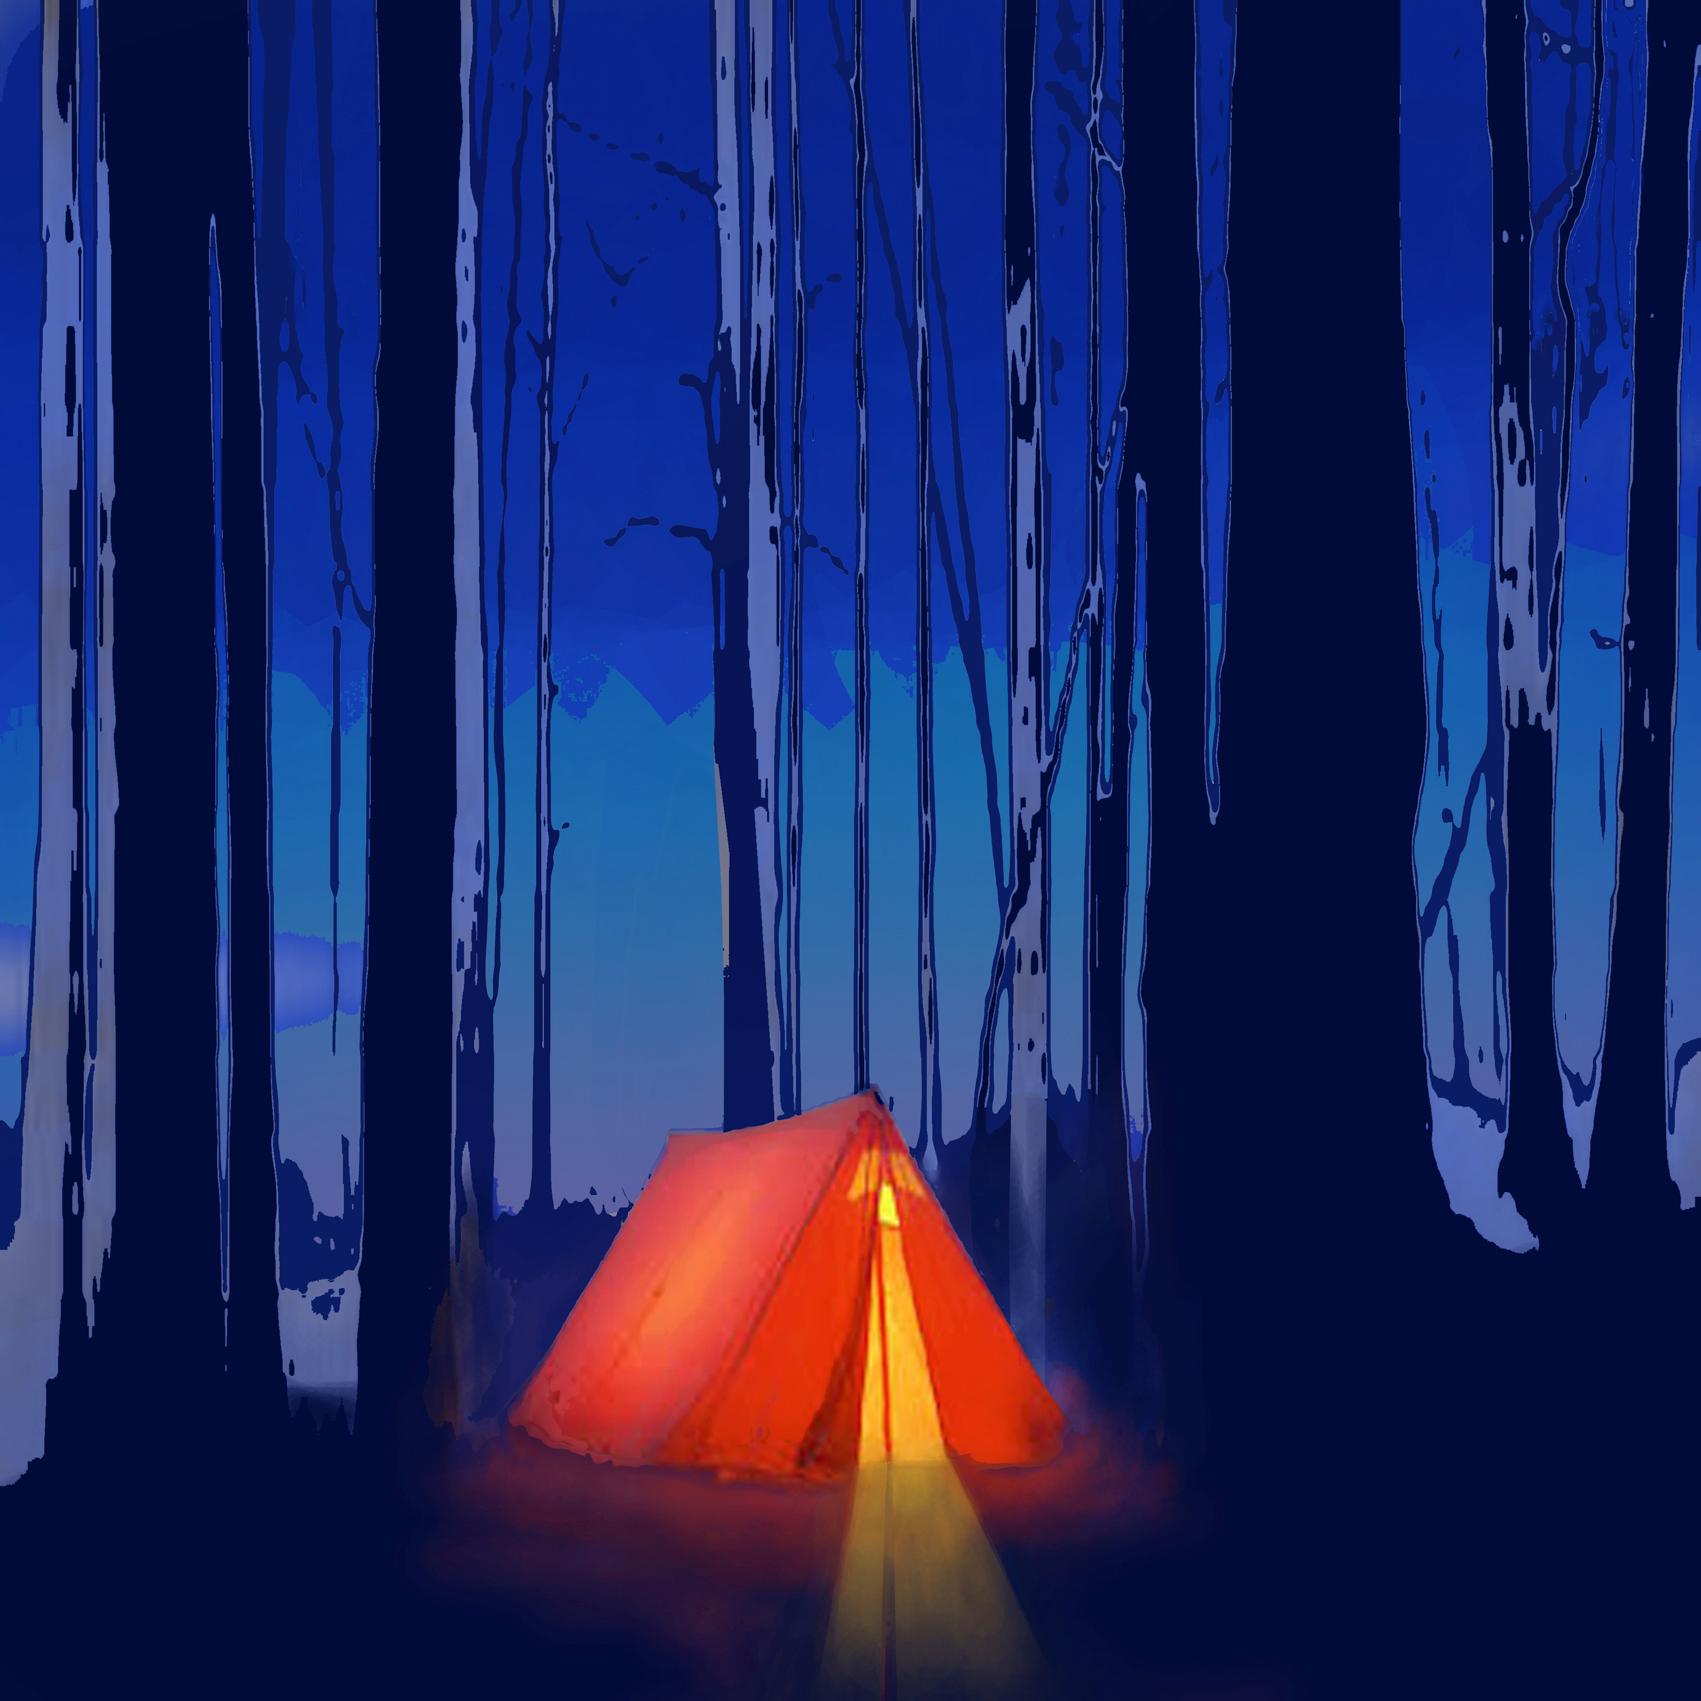 rødt telt3.jpg